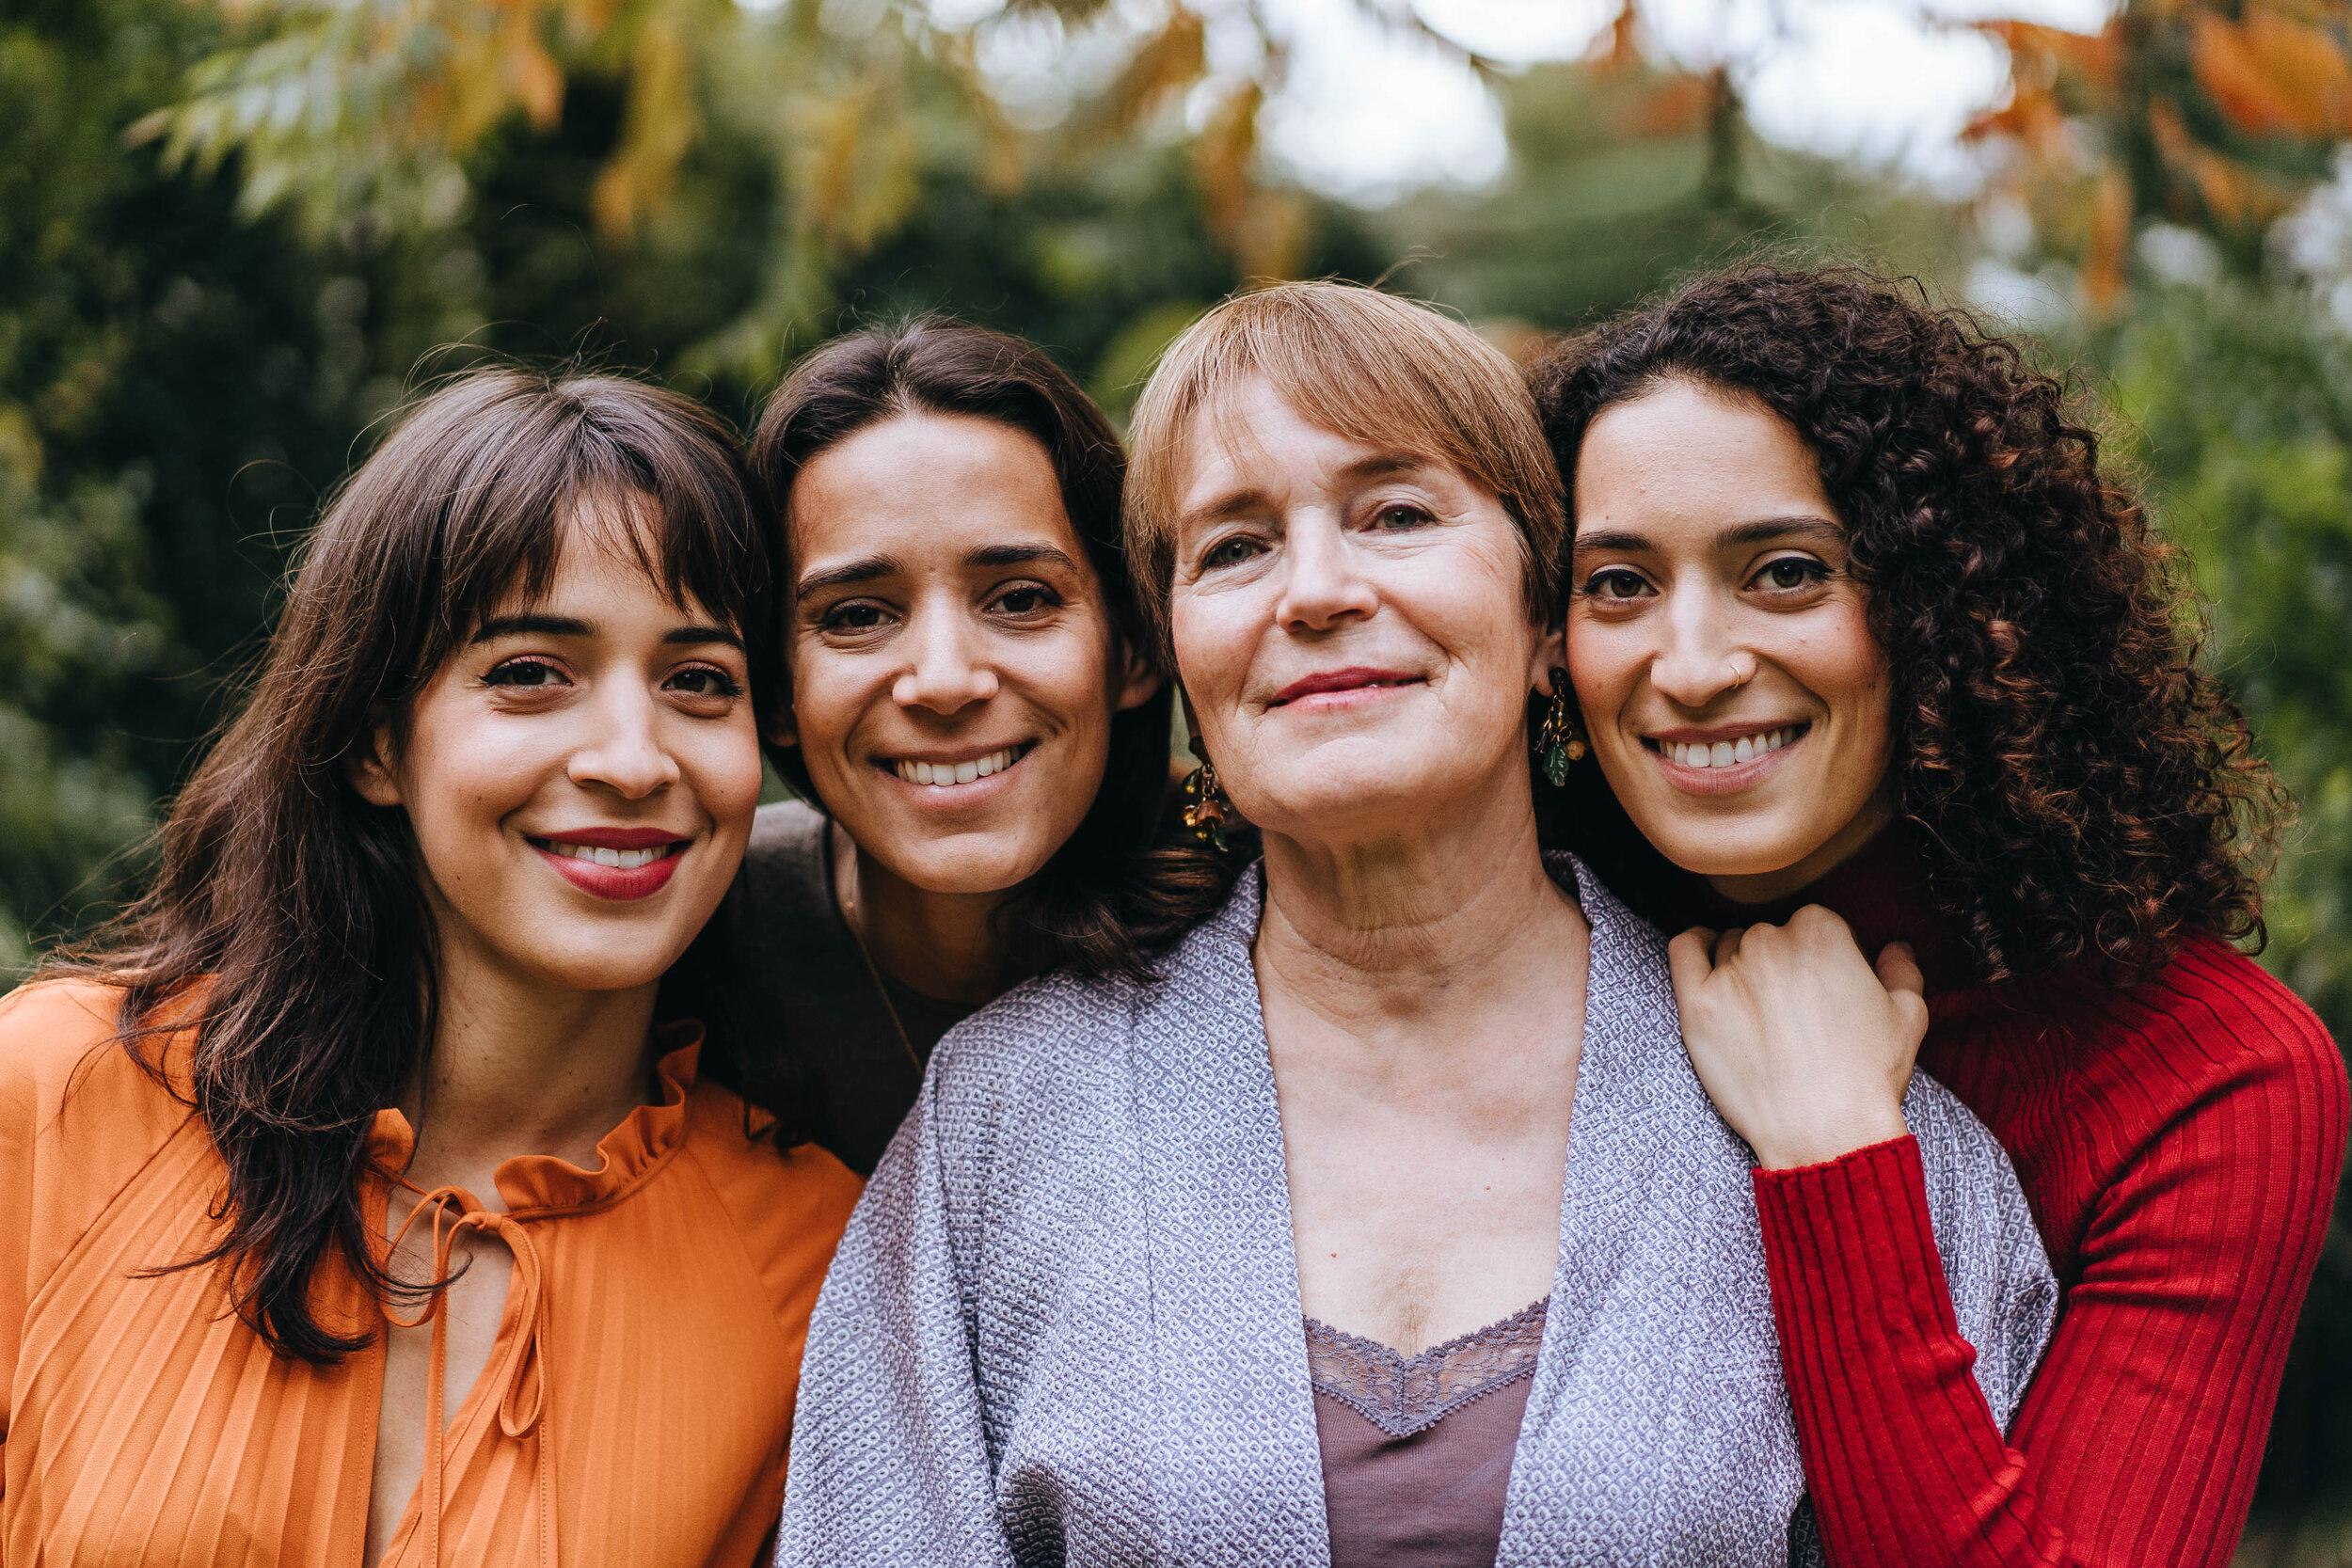 photographe-bruxelles-portrait-famille-automne-10.jpg